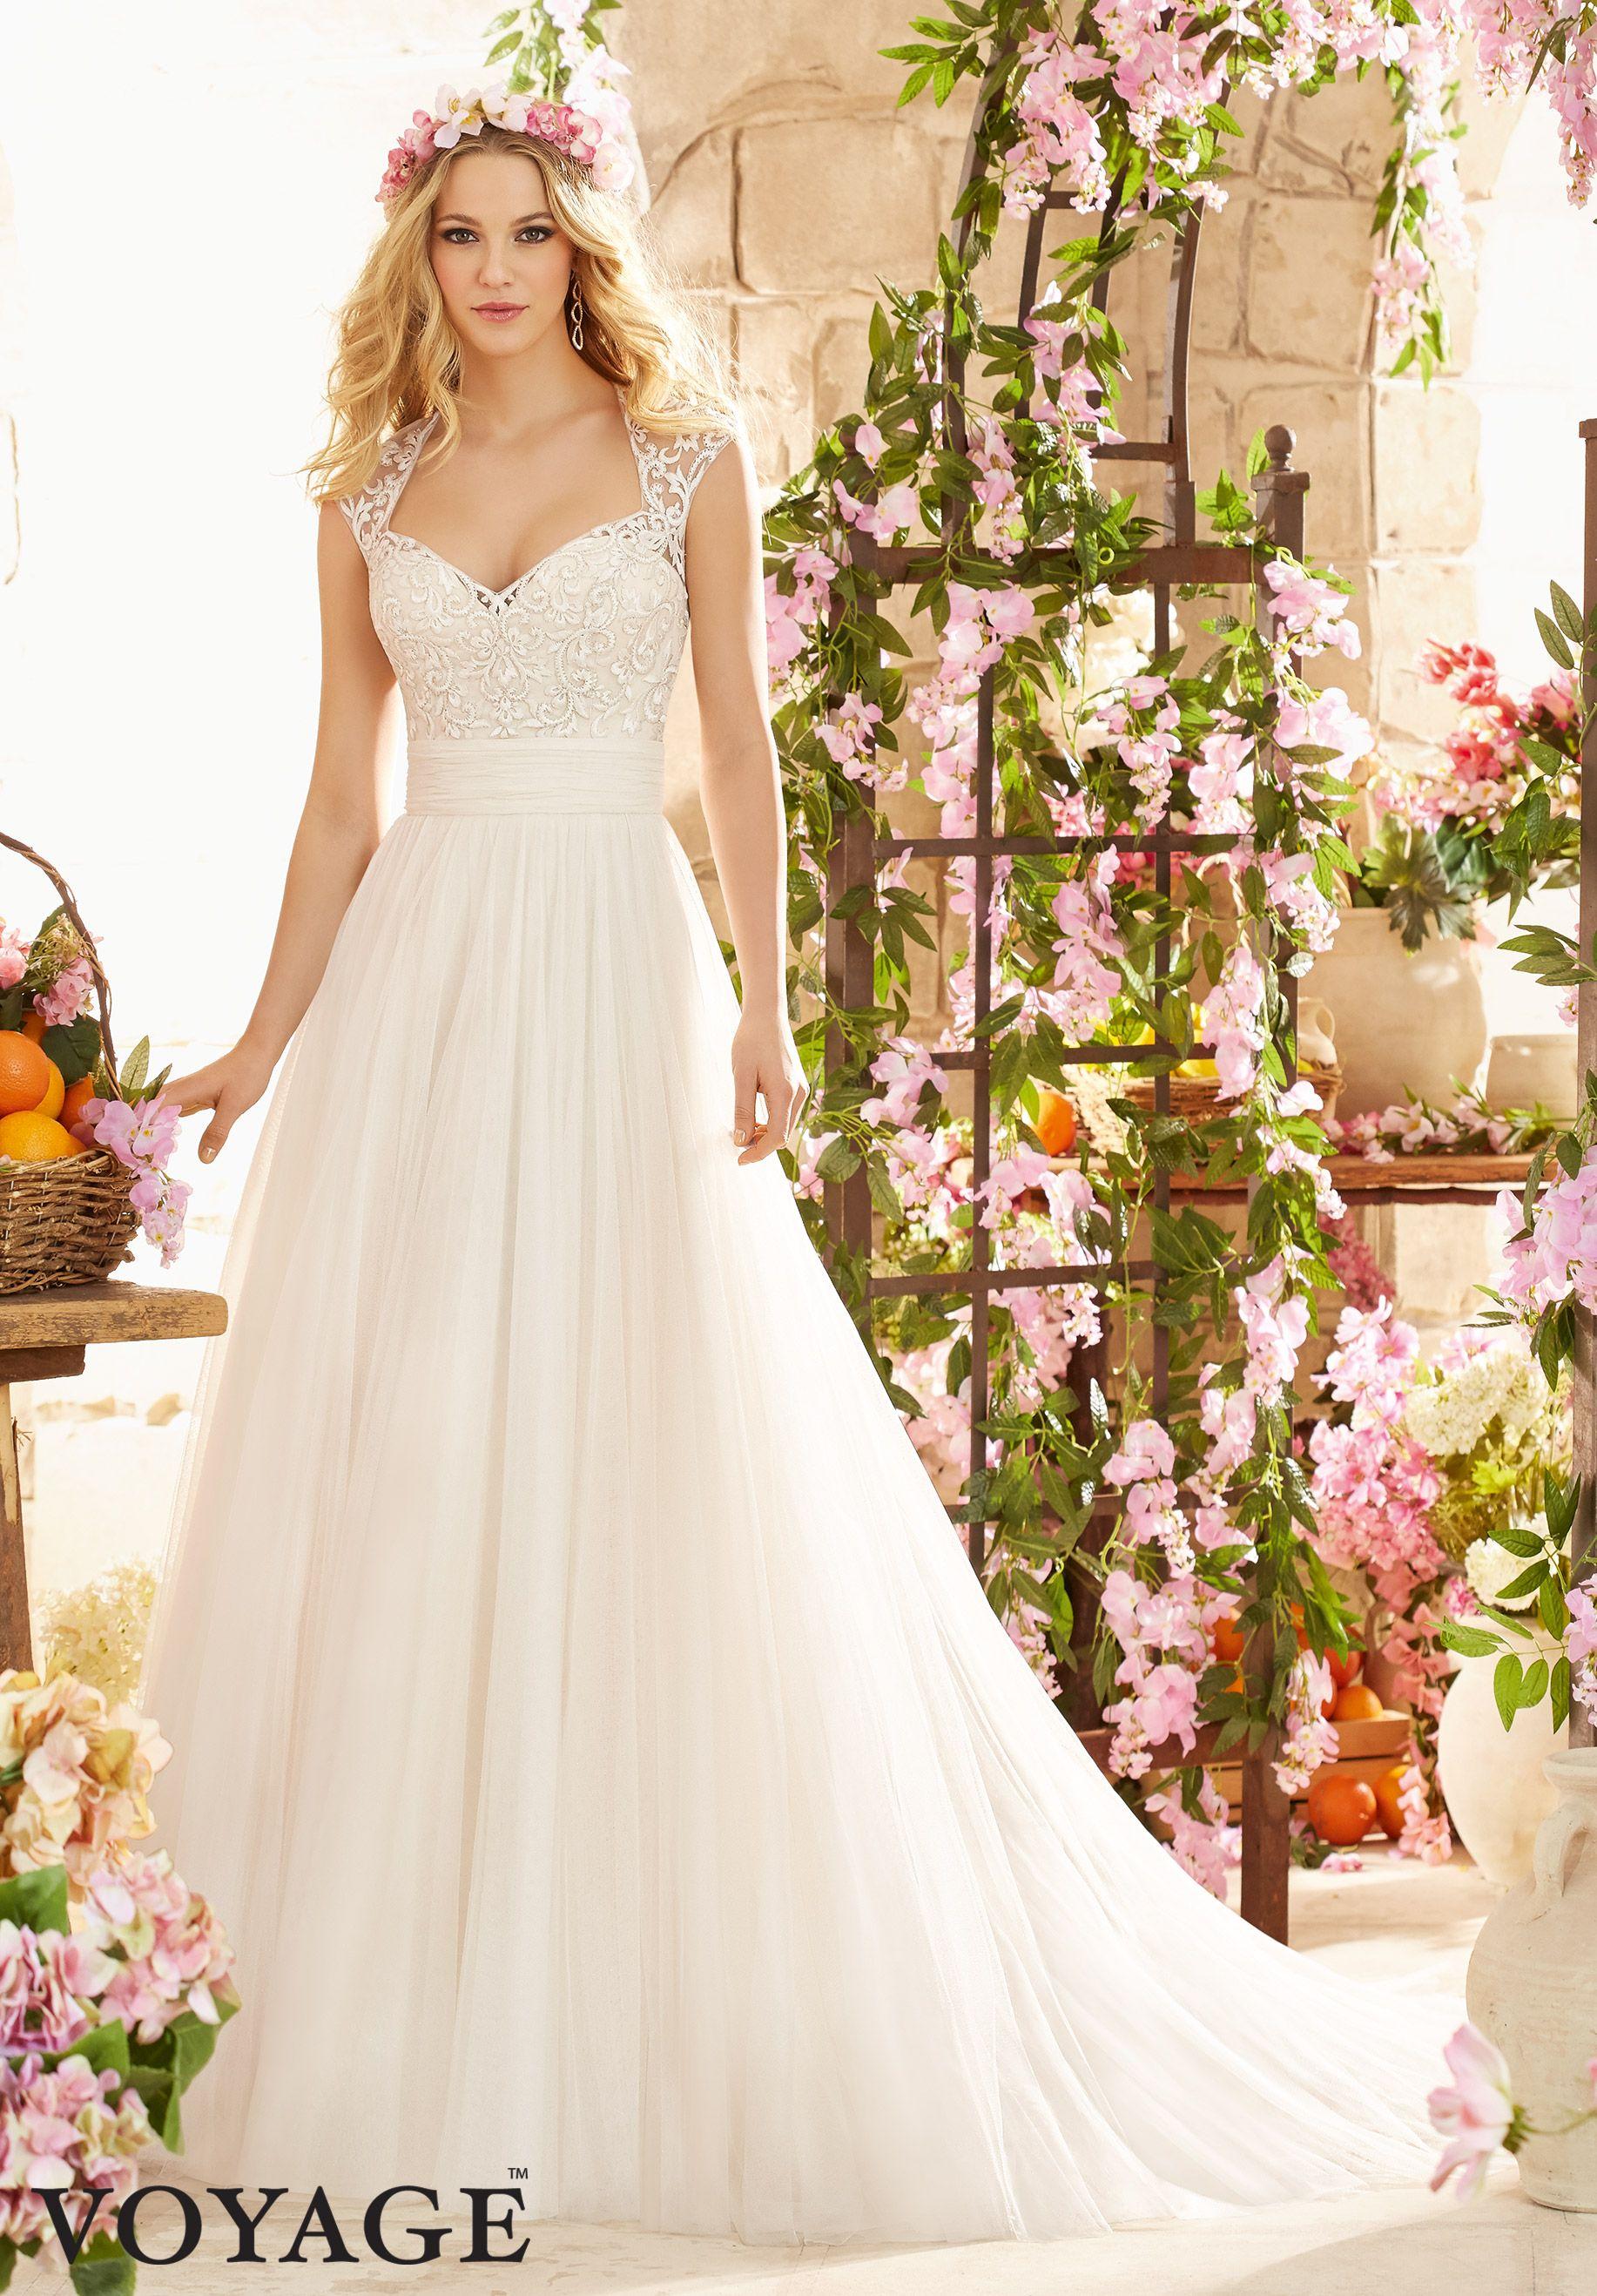 Brautkleid | Hochzeit | Pinterest | Brautkleid, Hochzeitskleider und ...